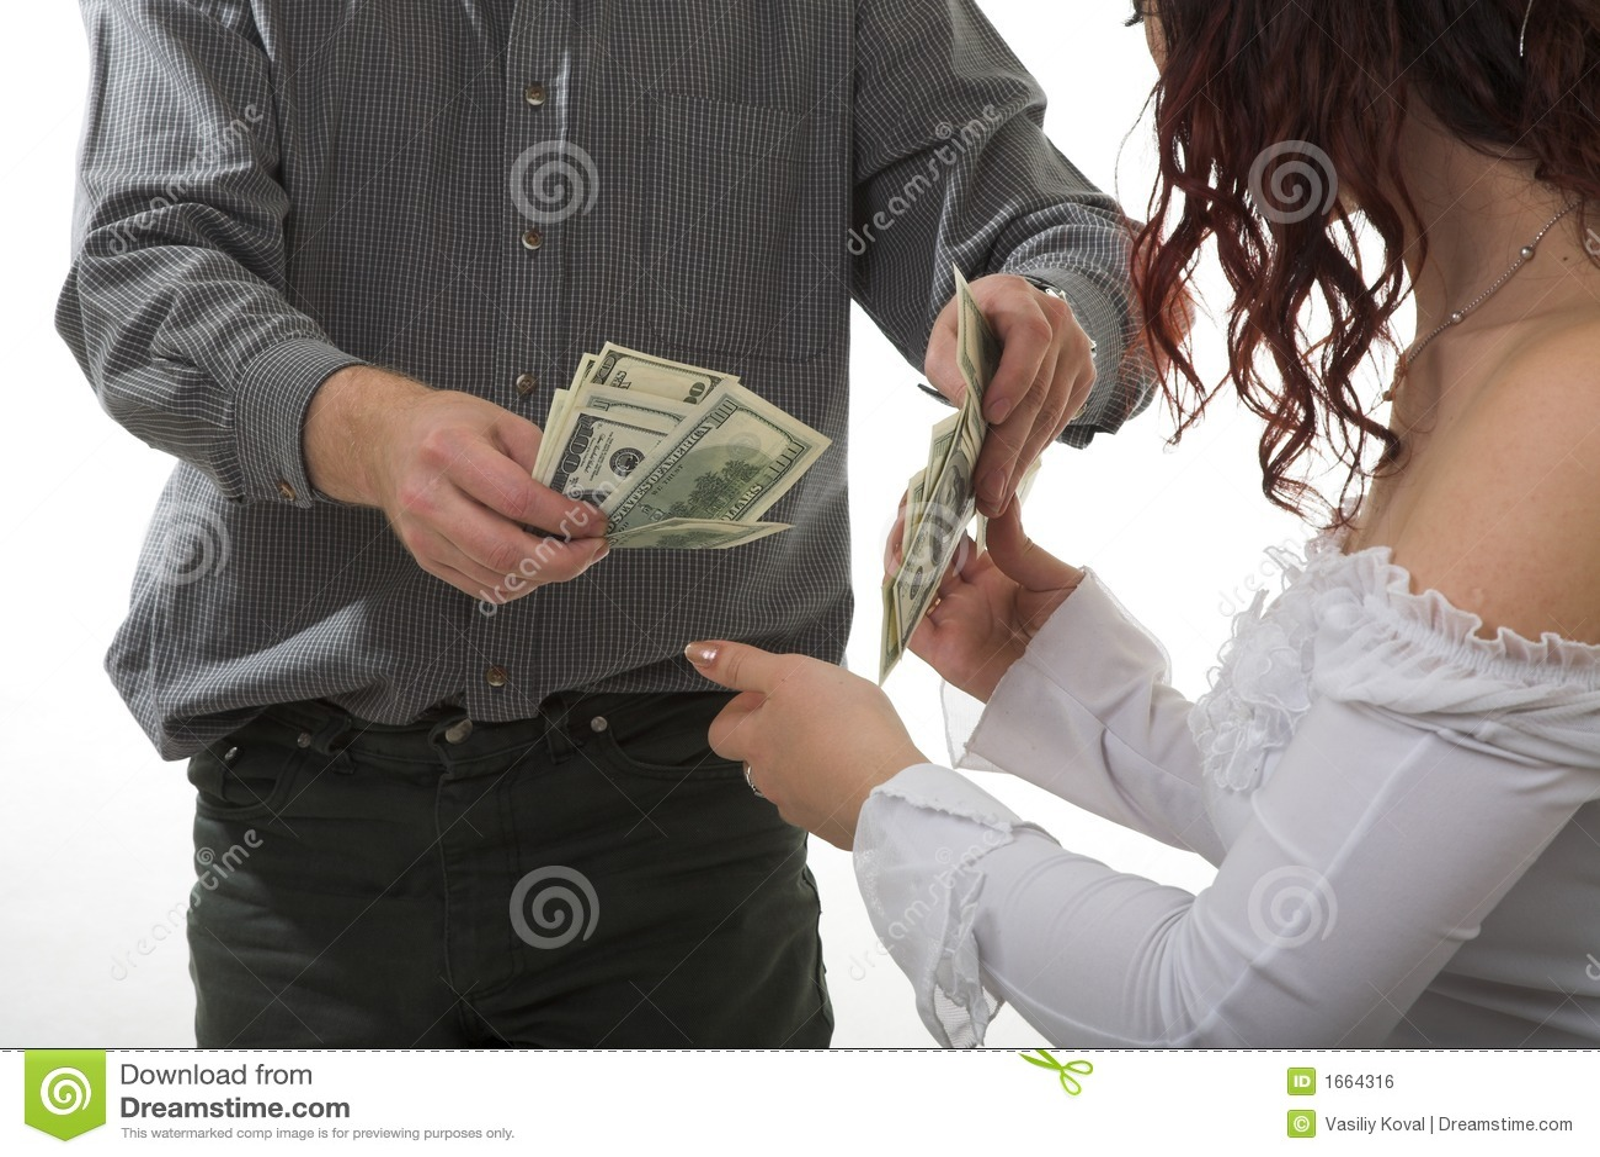 факты, которые взяла за деньги приравнивая людей